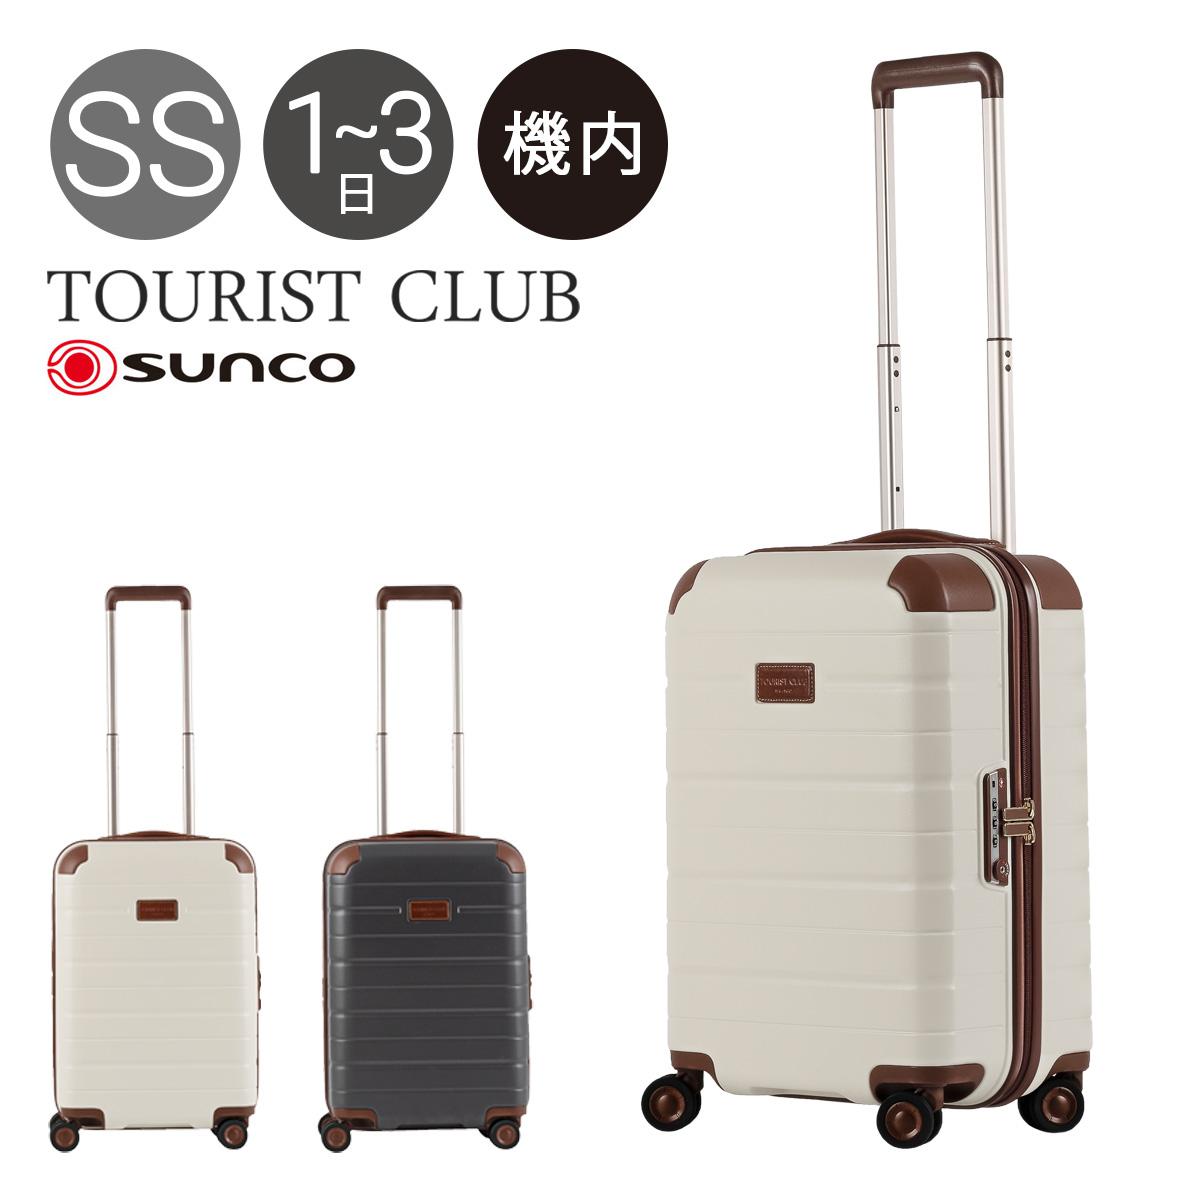 サンコー スーツケース|機内持ち込み 37L 50.5cm 3kg TC04-50|軽量 ハード ファスナー|SUNCO|静音 TSAロック搭載 HINOMOTO キャリーバッグ キャリーケース[PO10][bef][即日発送]